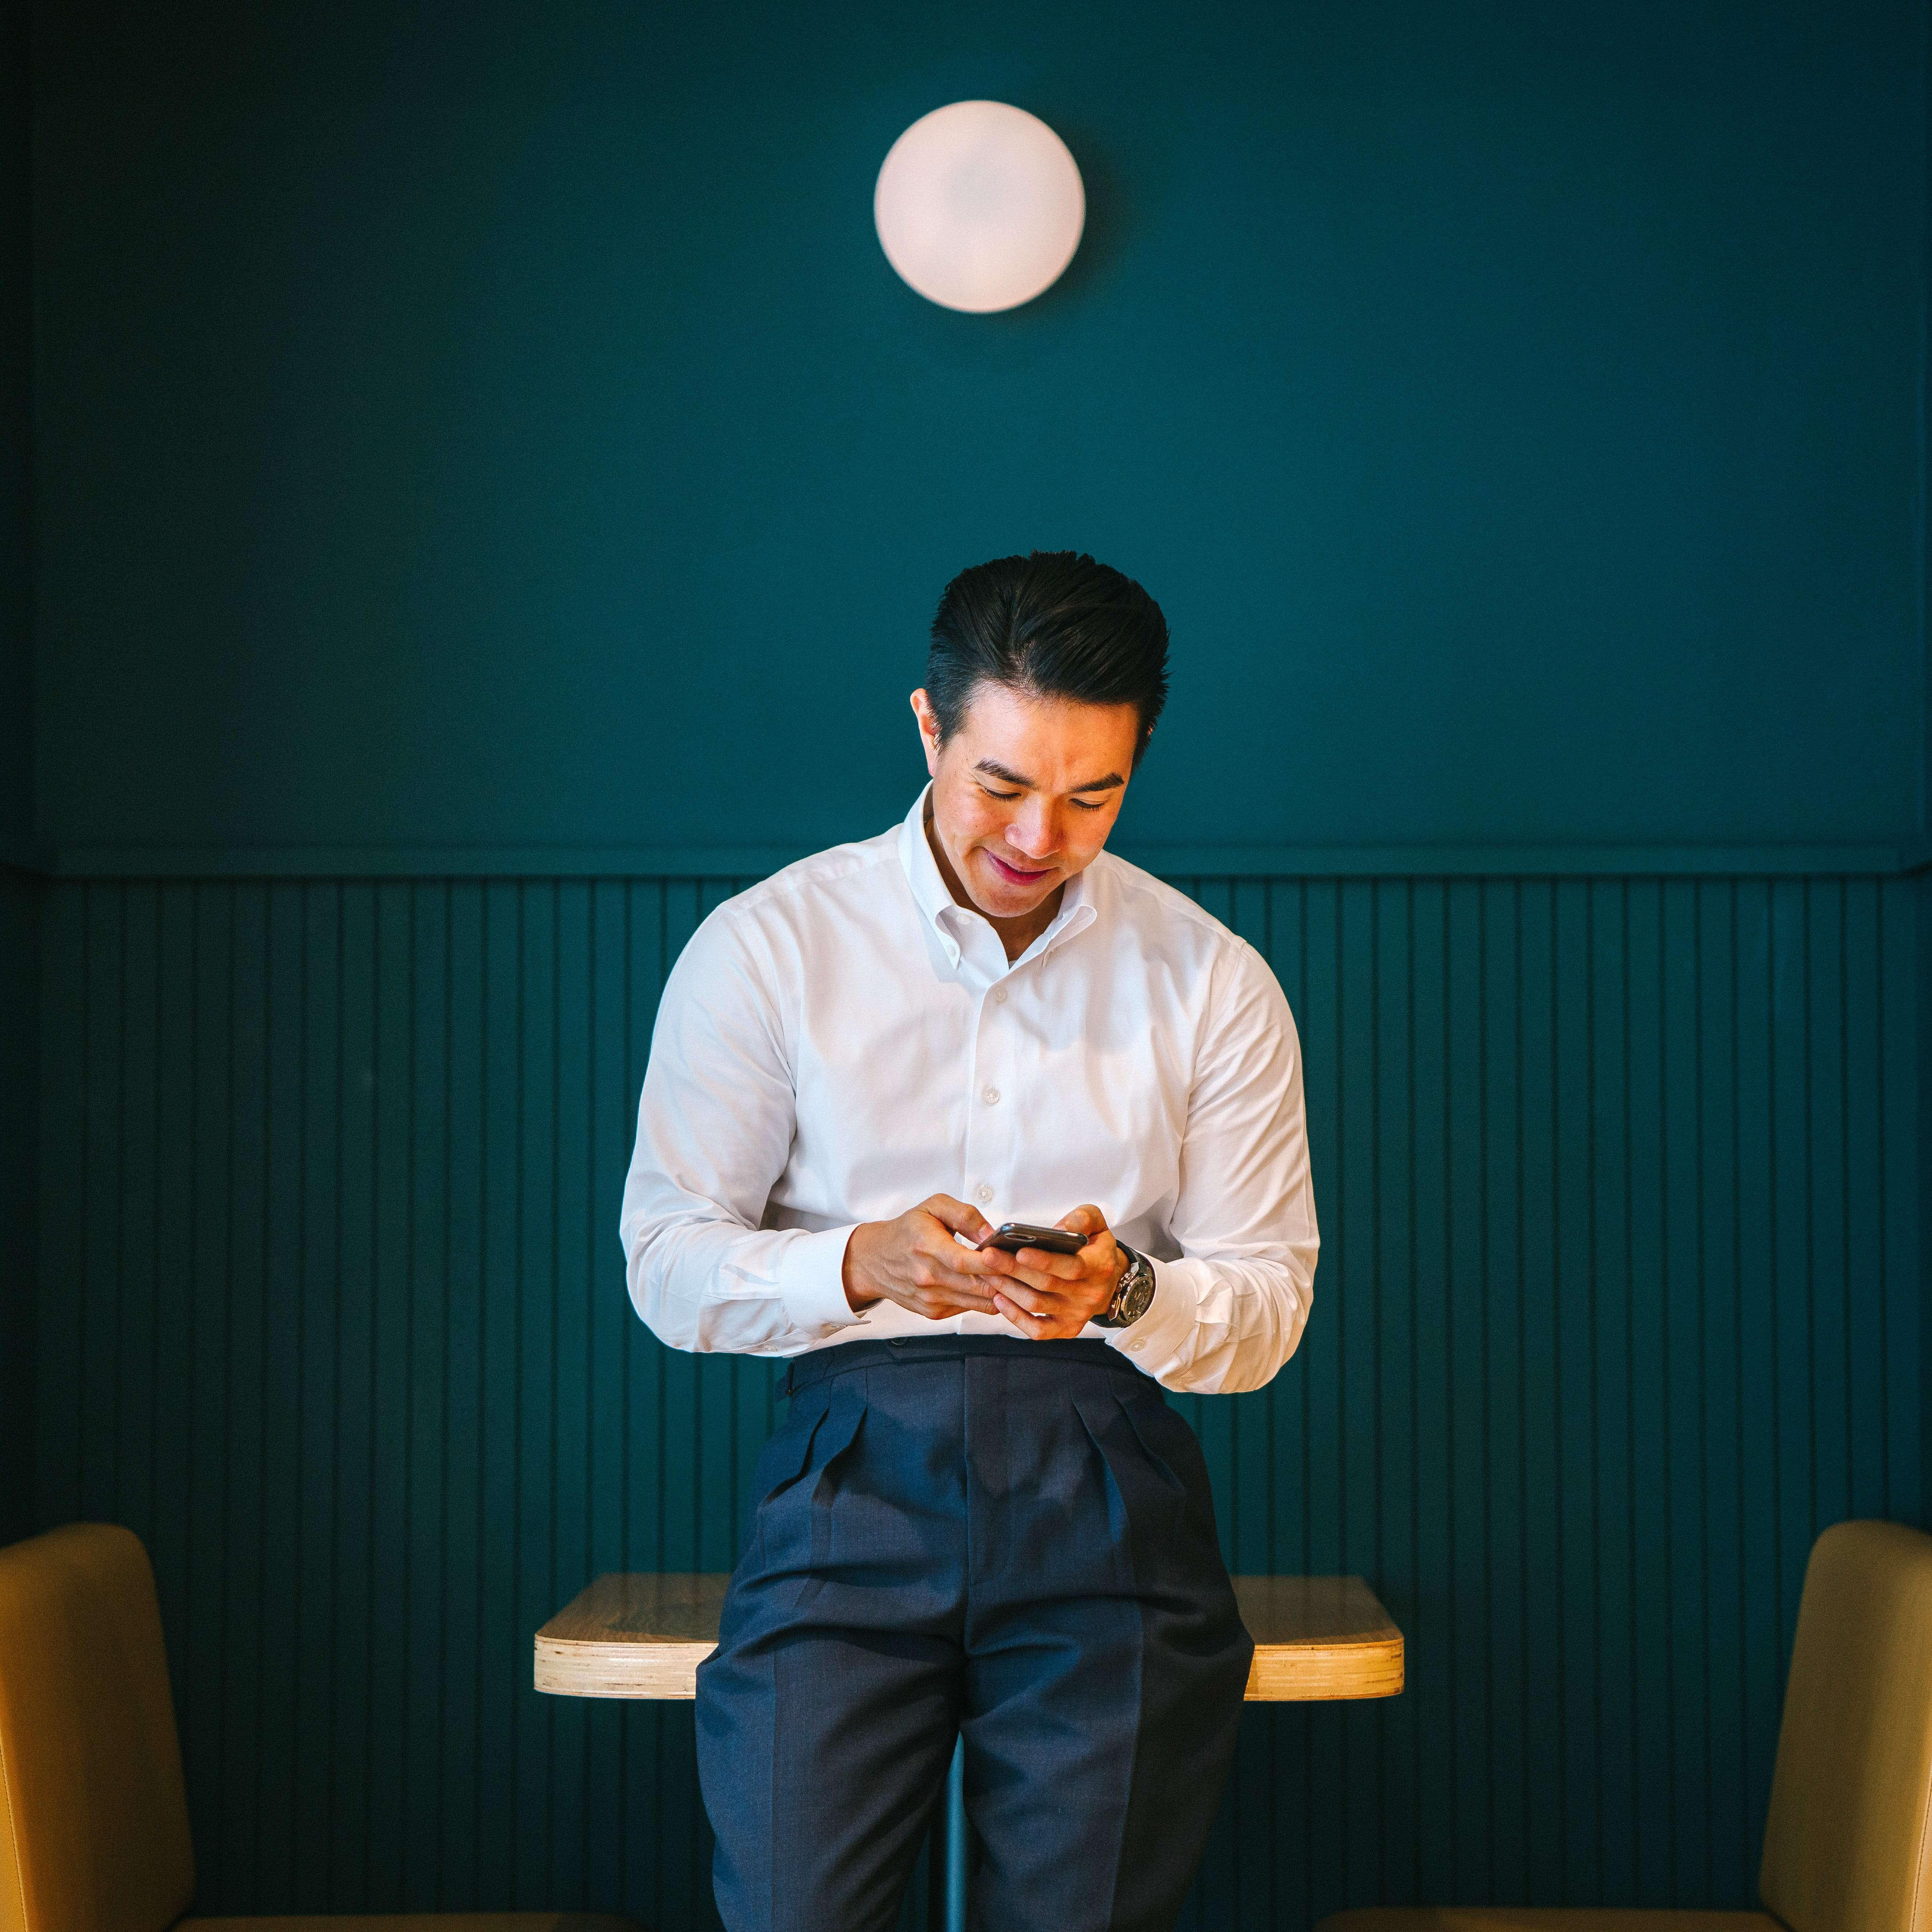 Pria Memegang Smartphone Hitam